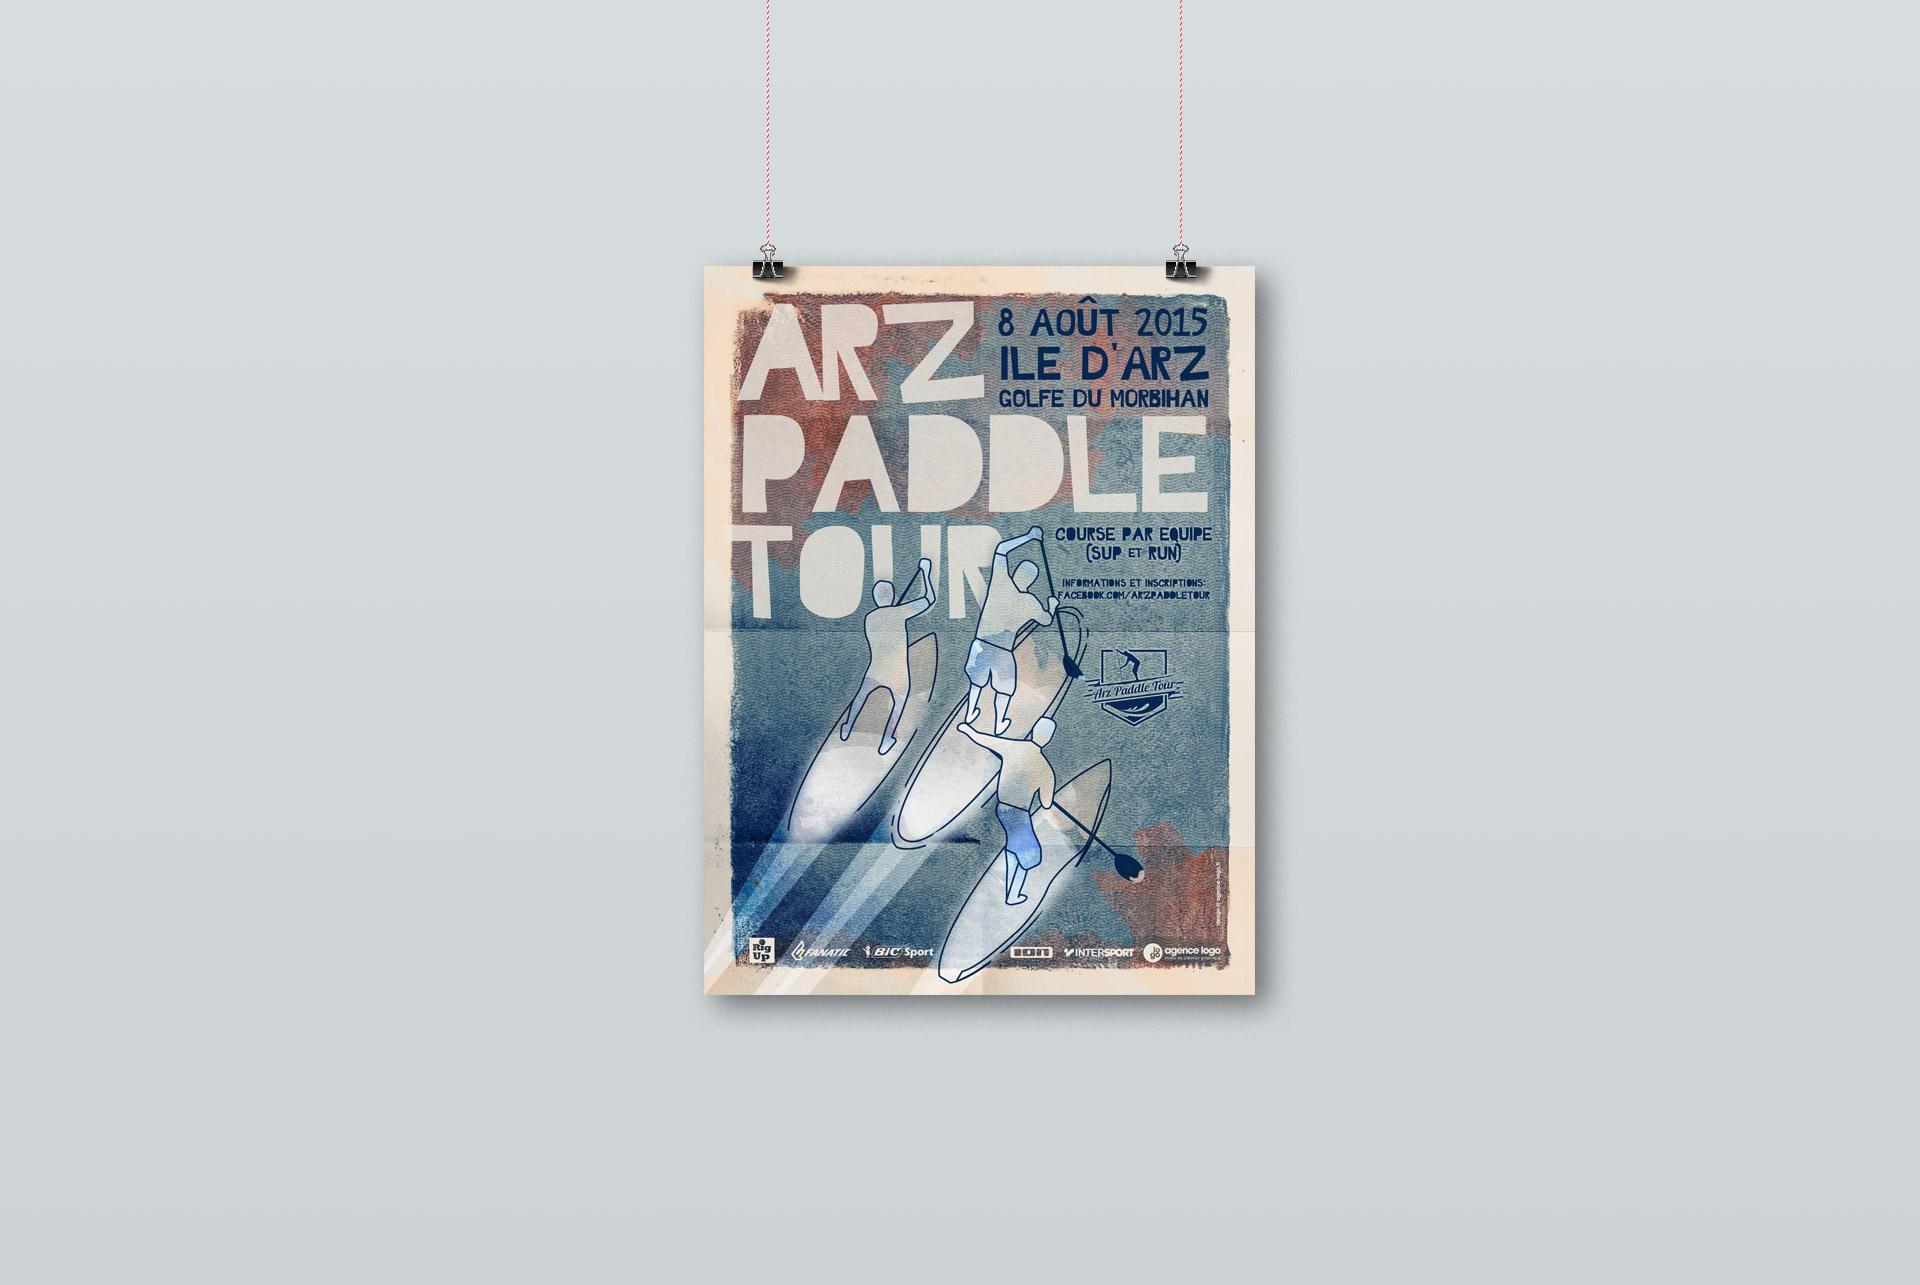 identité visuelle-Arz Paddle Tour